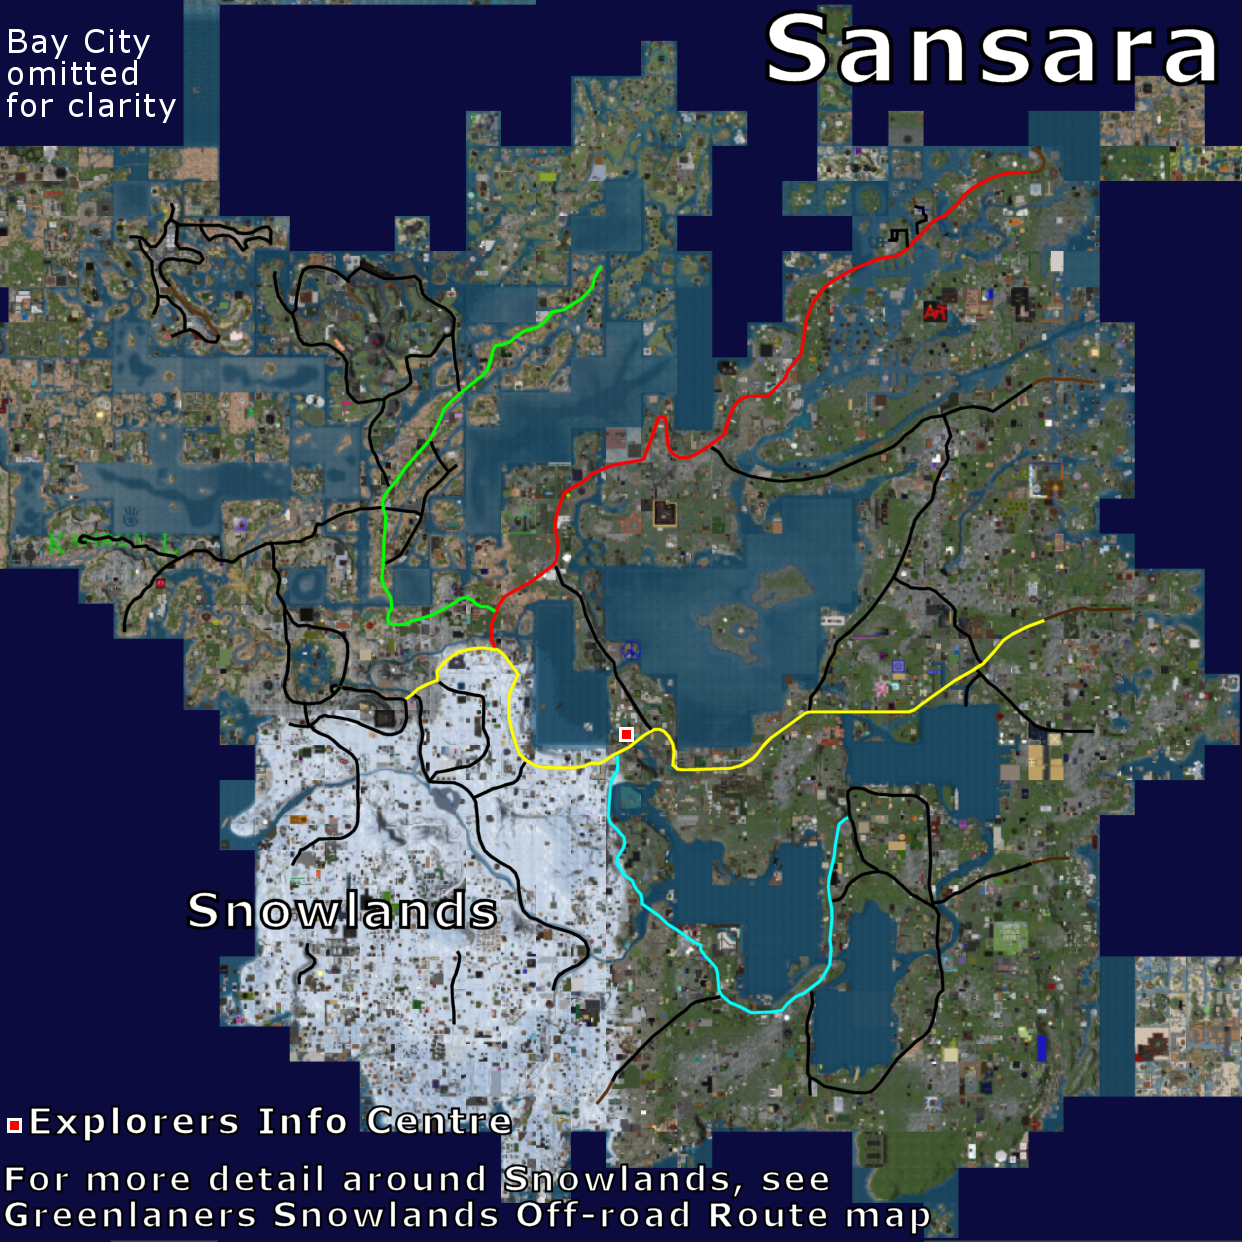 MAP_Sansara_r01a.png